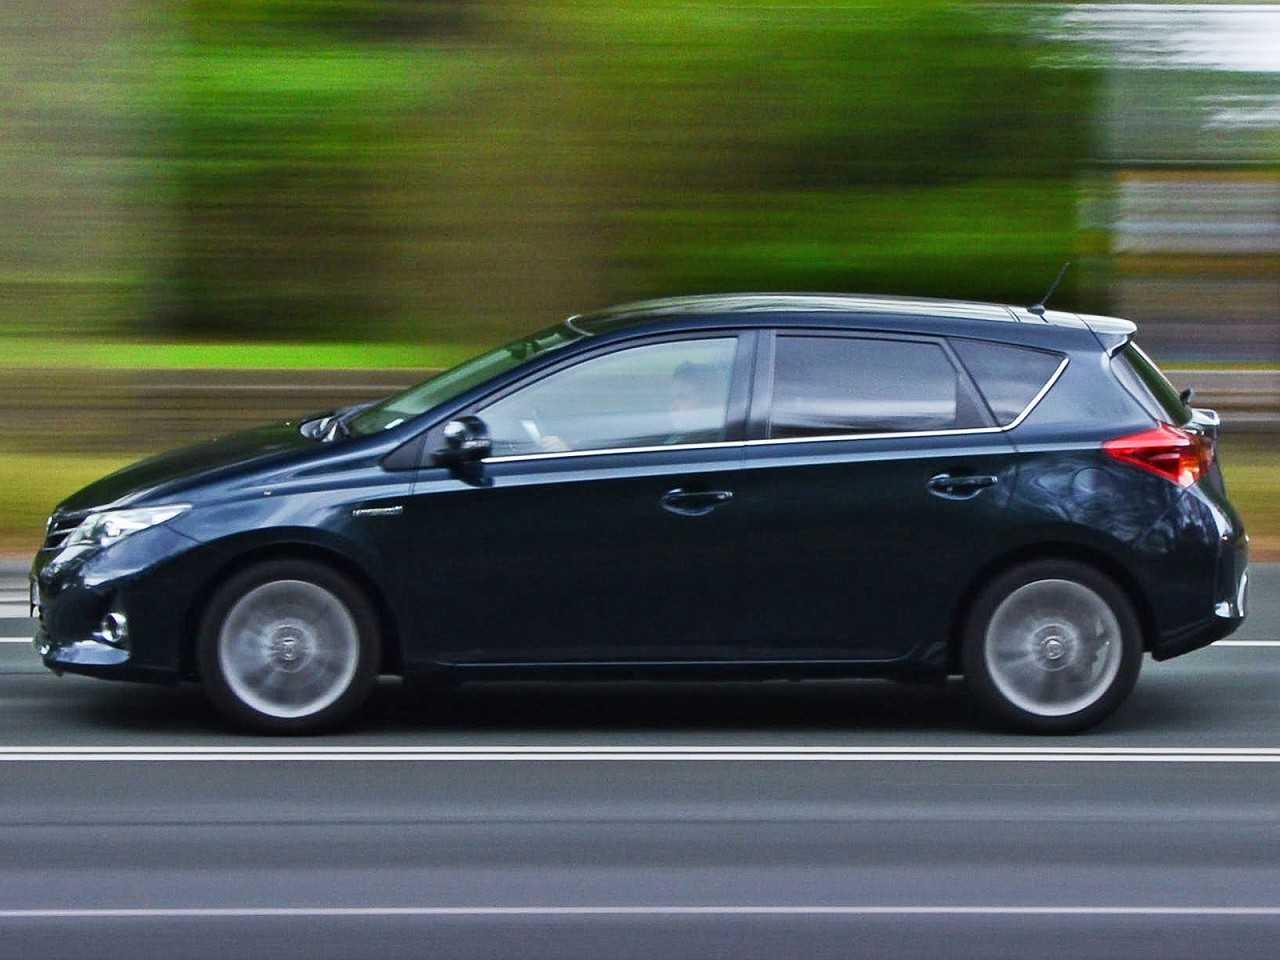 Seu carro pode ser uma ferramenta para evitar juros altos e também atingir suas metas